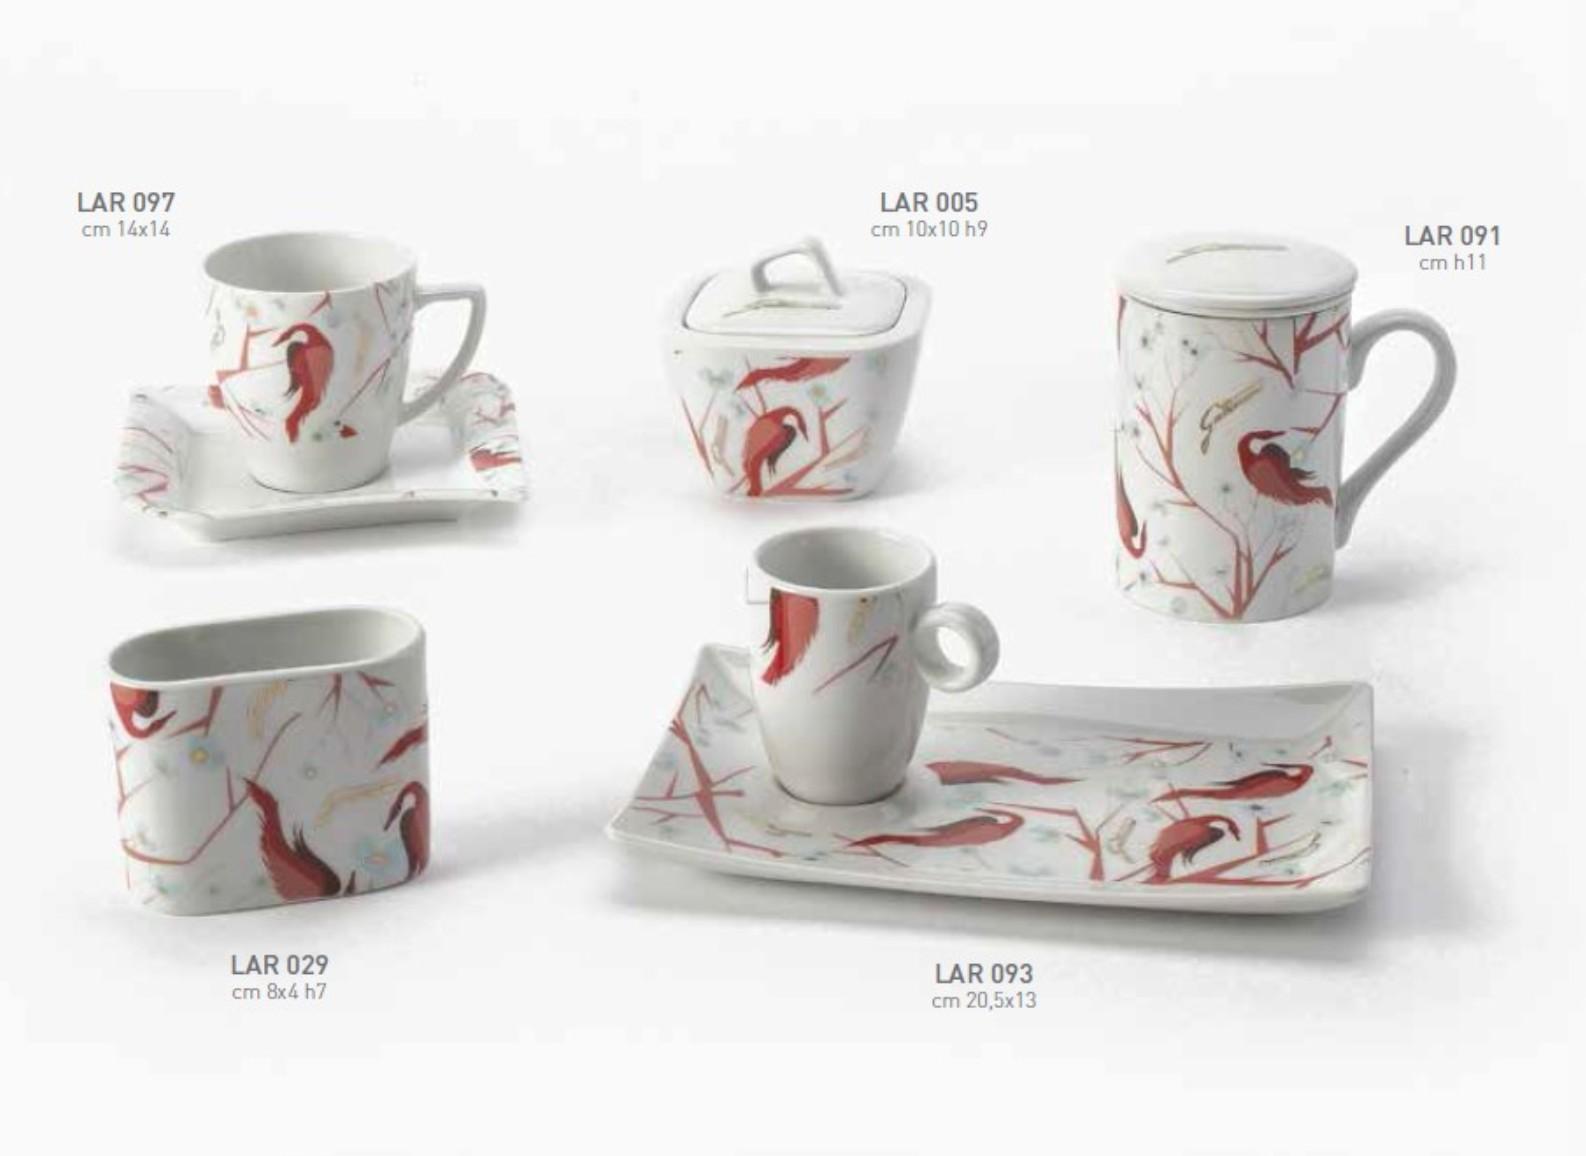 sale retailer 2aeae c8fa2 Gattinoni : Linea Lara